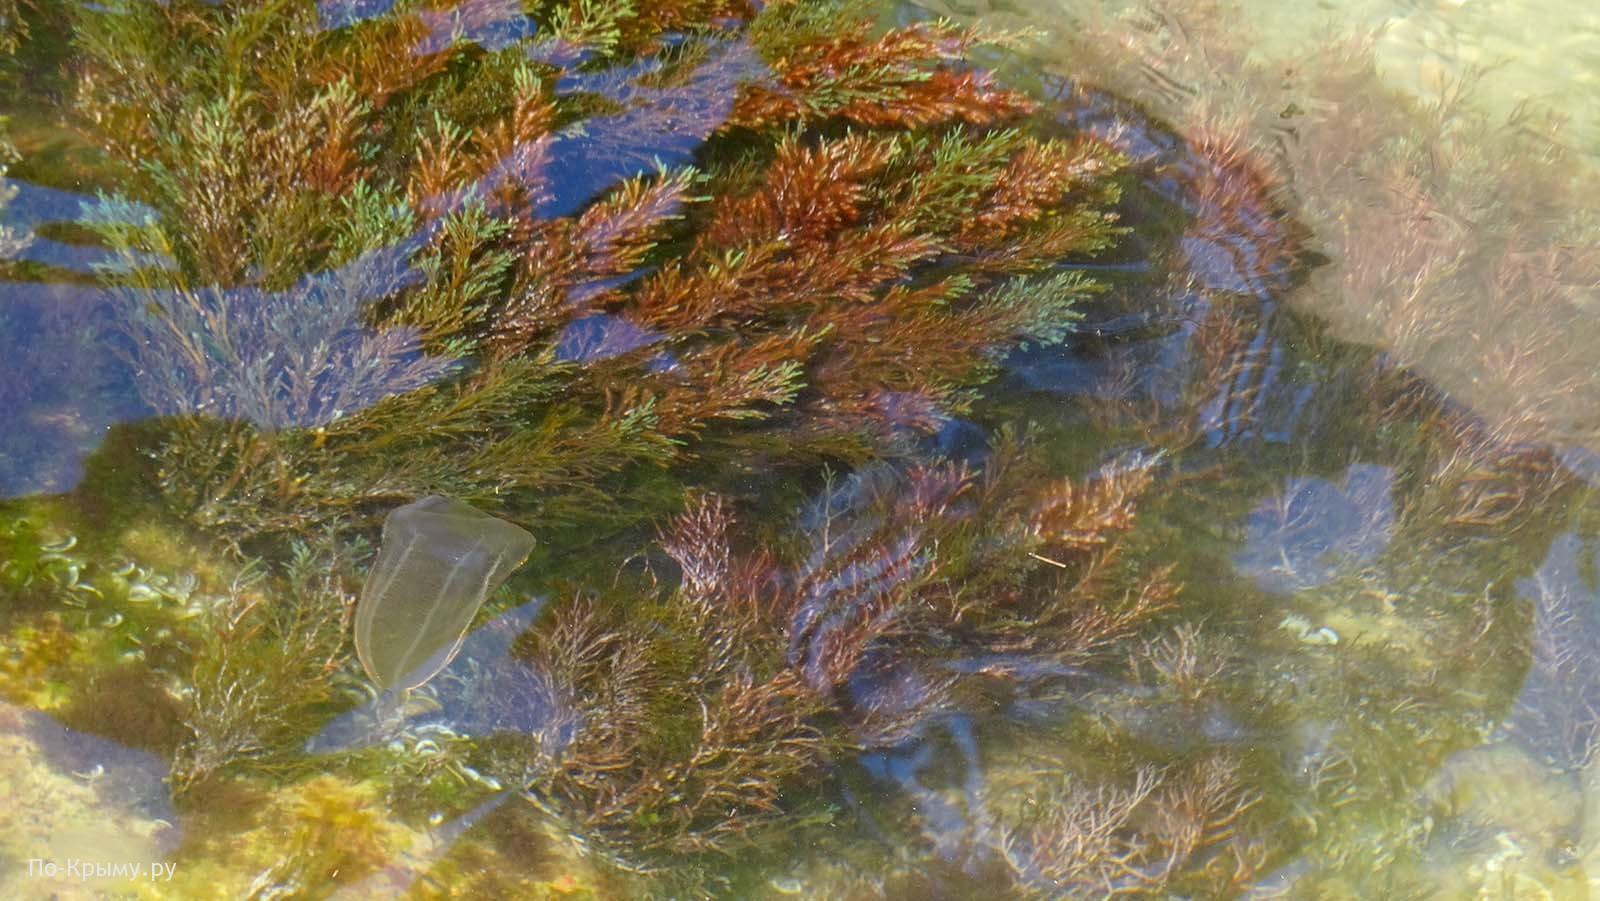 Гребневик берое, балаклавское побережье, Севастополь